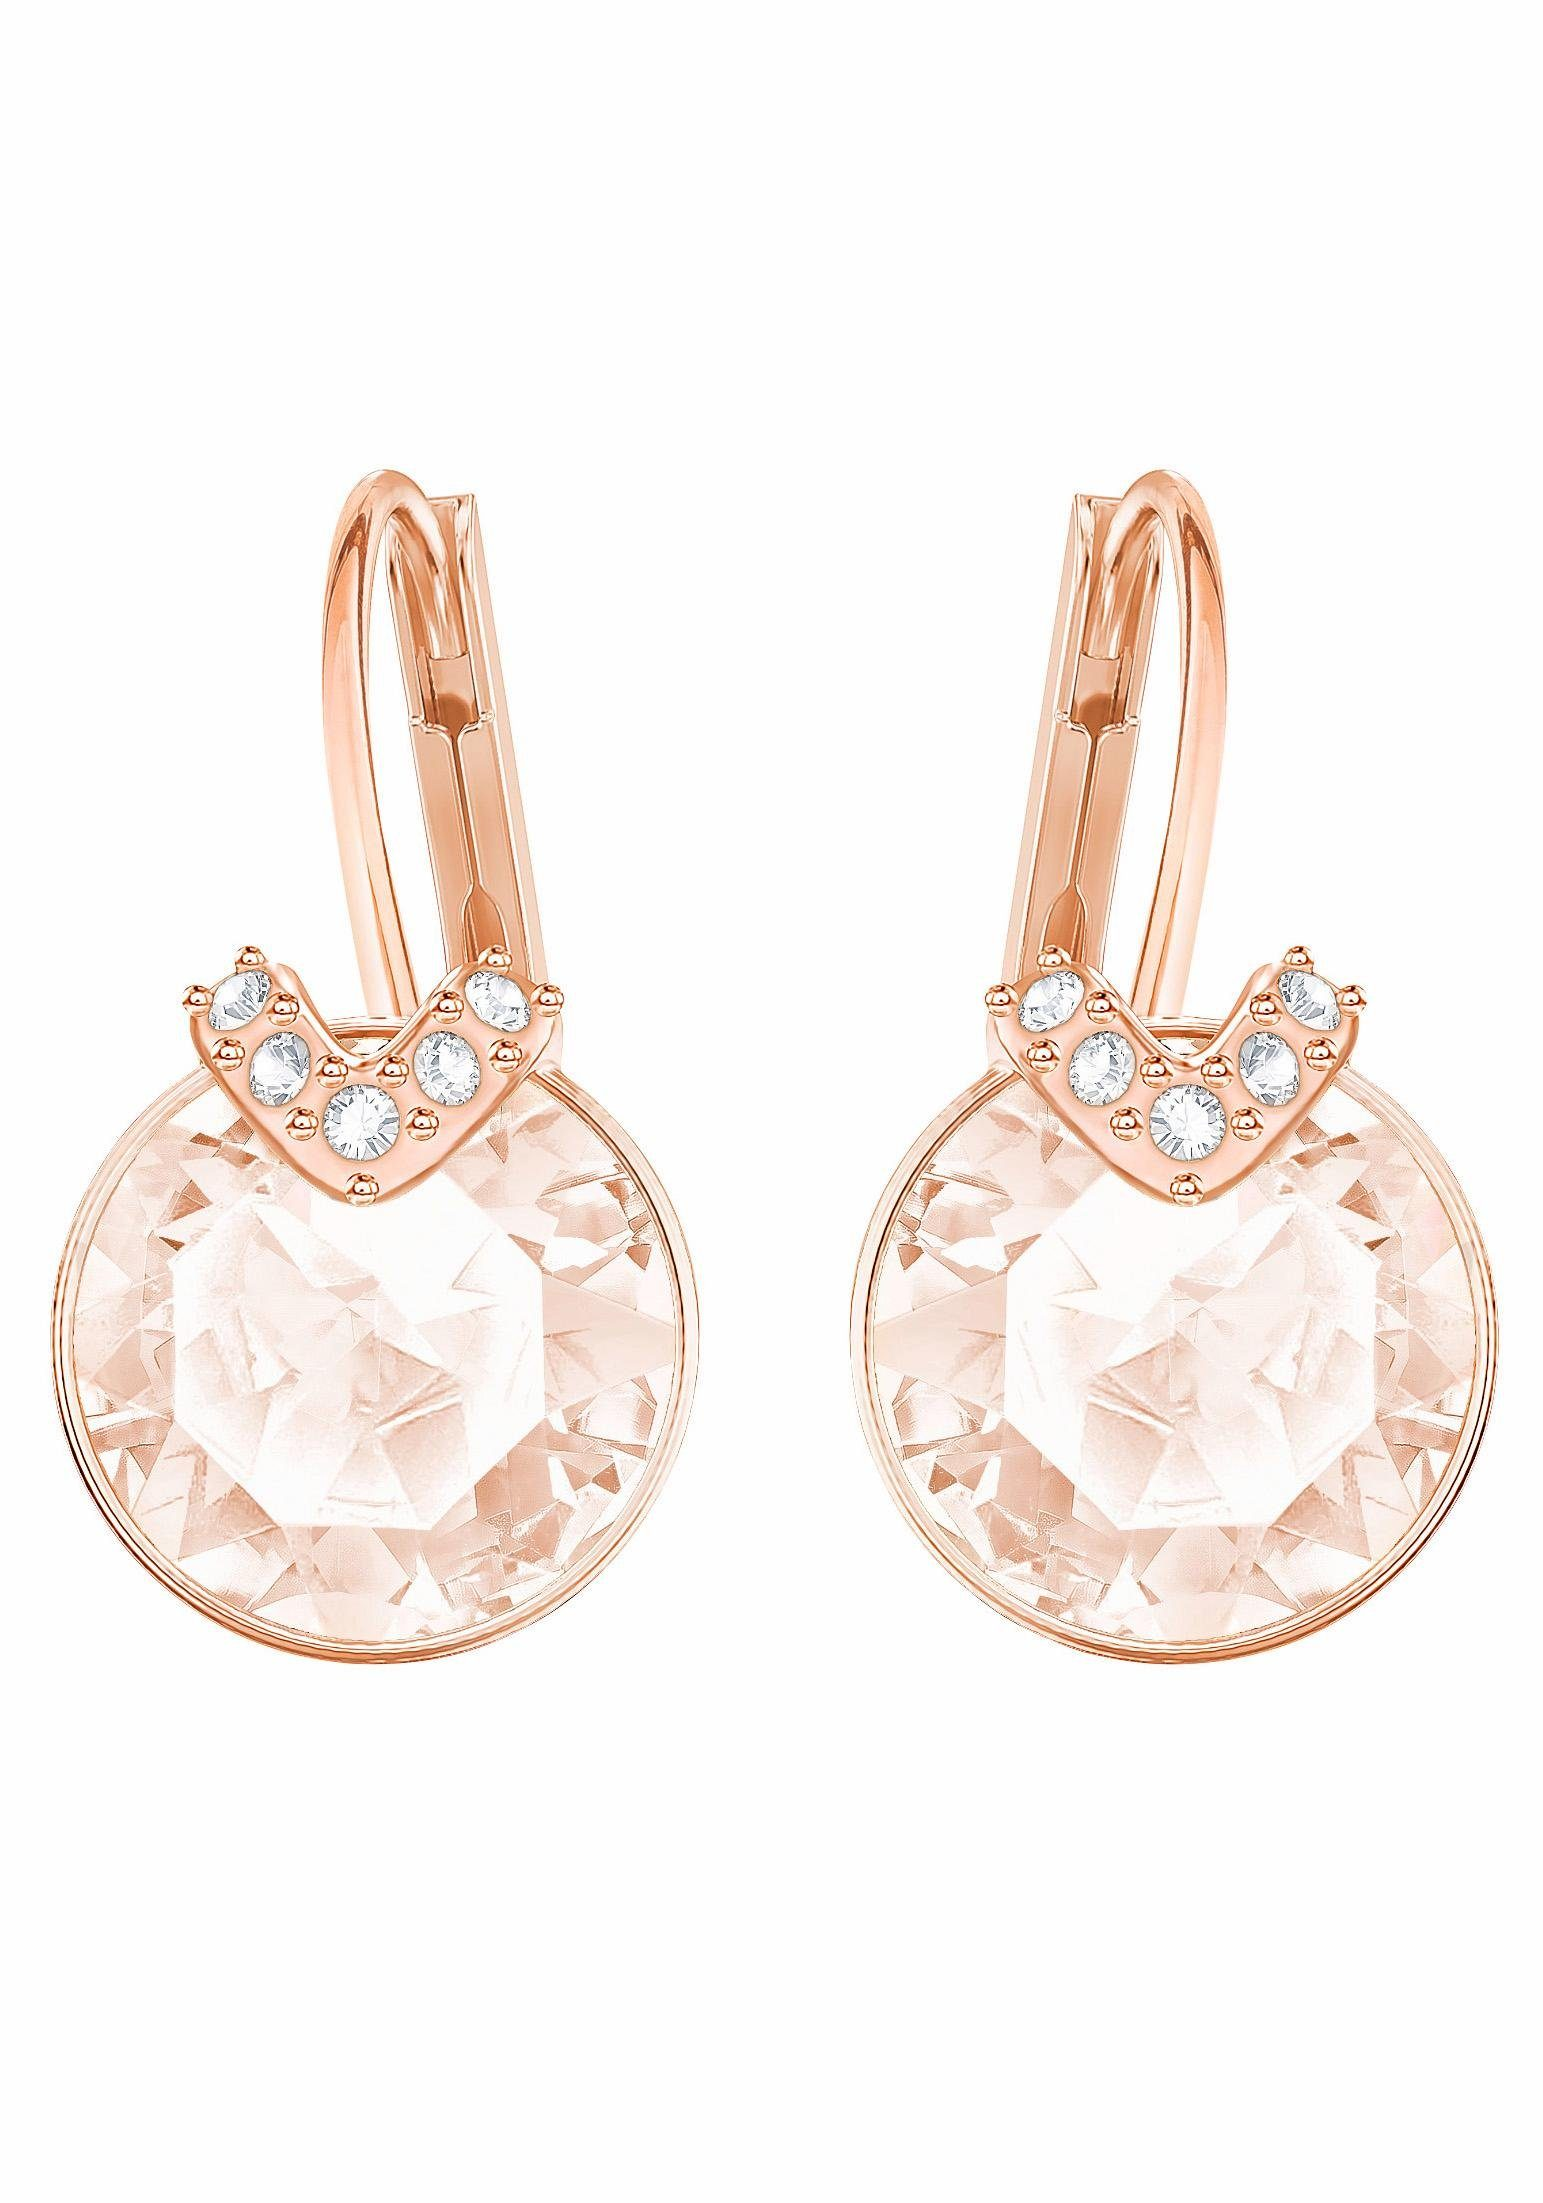 Swarovski Paar Ohrhänger »BELLA V, ROSA, ROSÈ VERGOLDUNG, 5299318« mit Swarovski® Kristallen